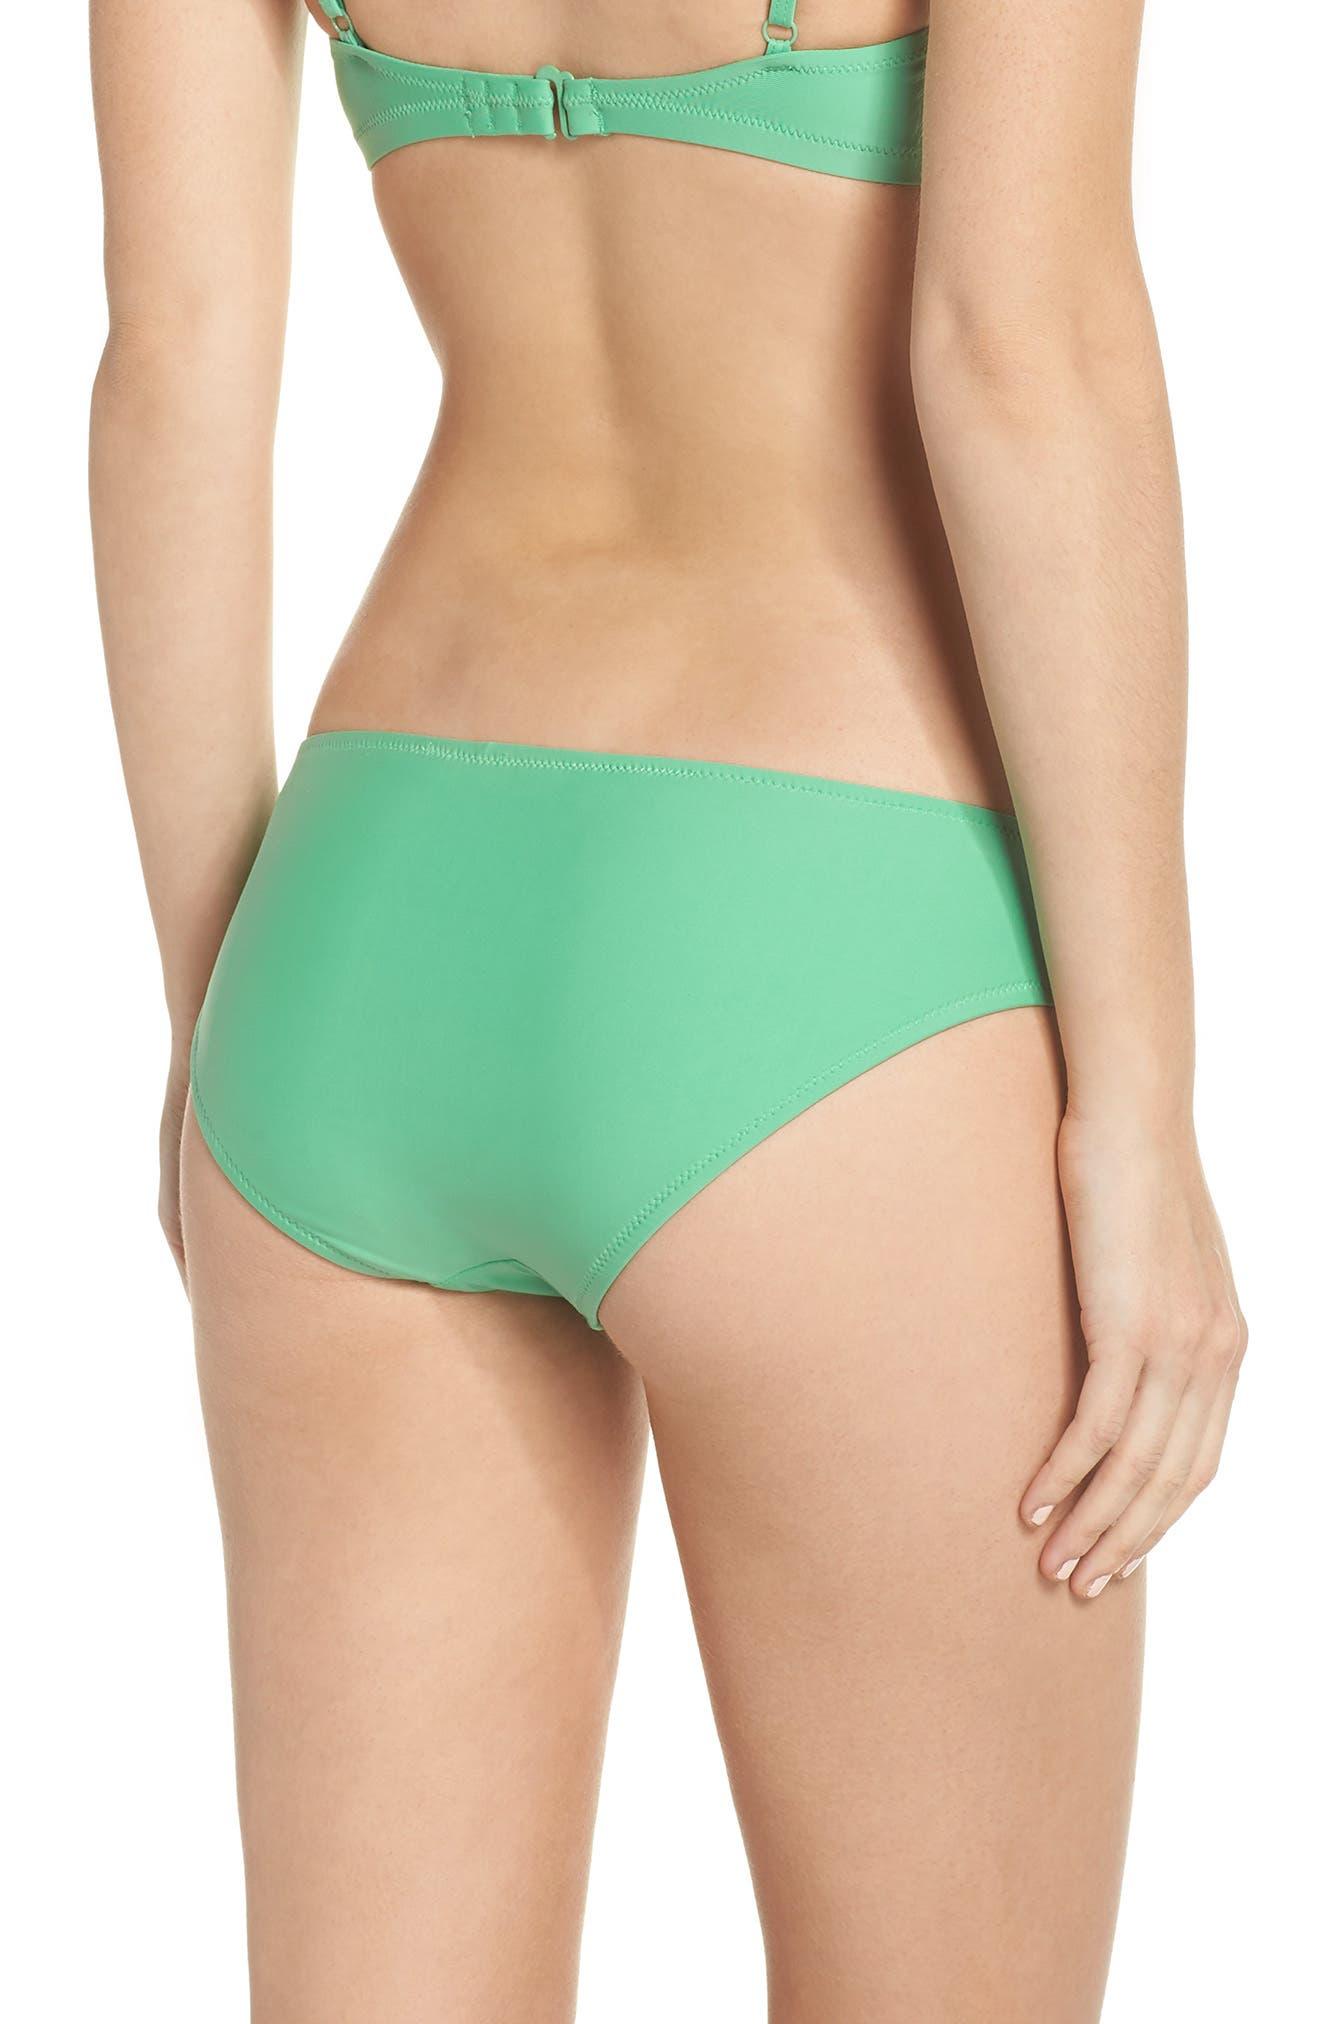 J.Crew Hipster Bikini Bottoms,                             Alternate thumbnail 2, color,                             Bright Spearmint